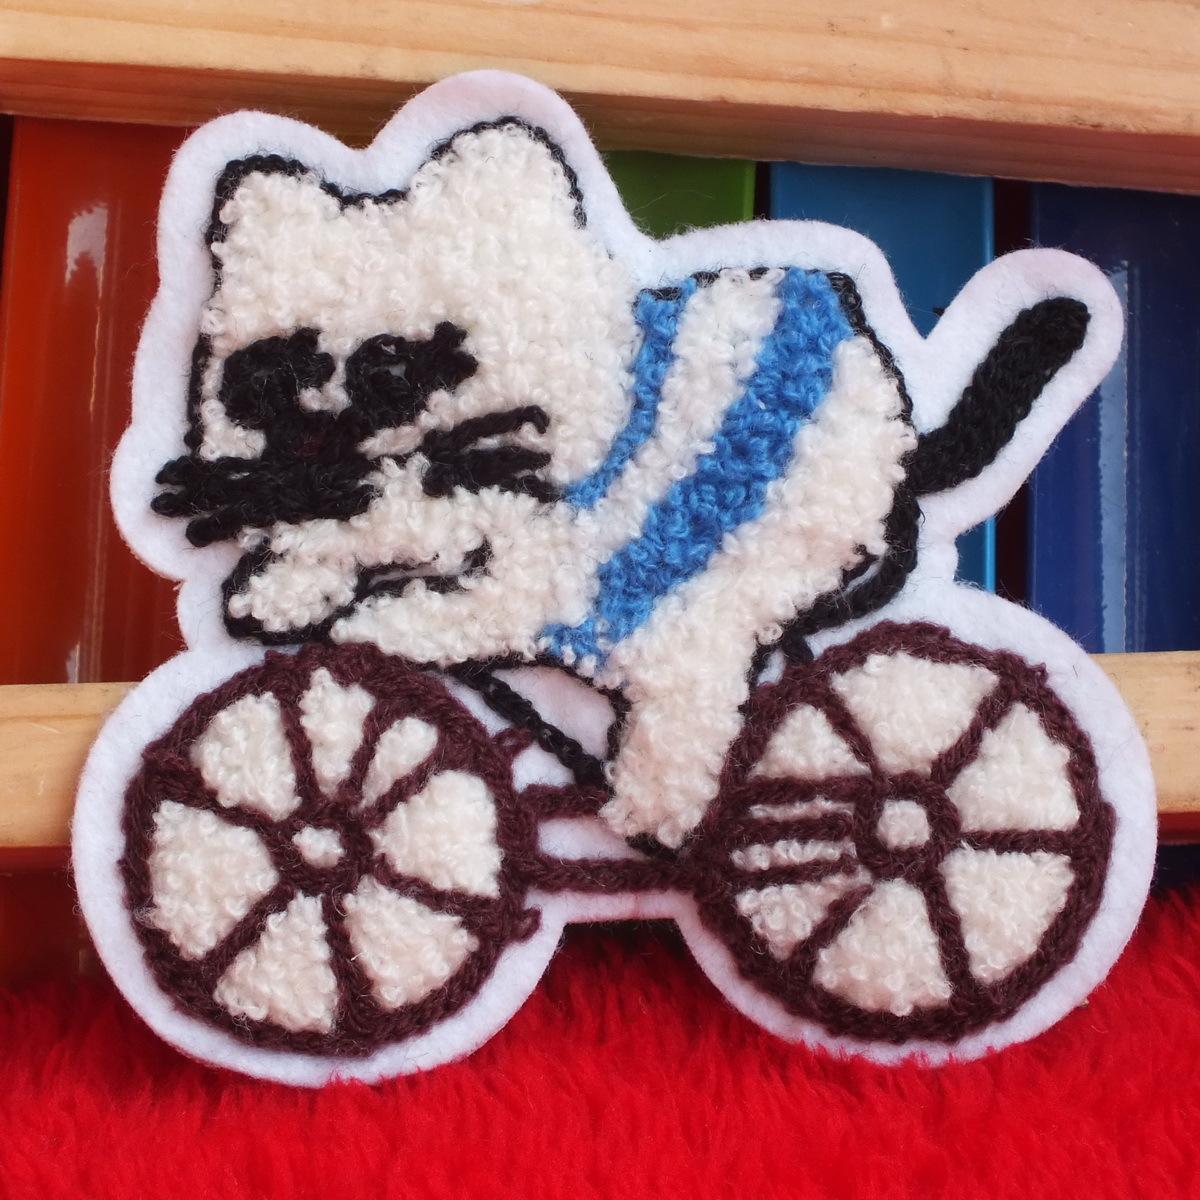 Липучка для пододеяльника Езда кошка DIY руки нашит свитер ткани наклейки шерсти вышивка 9 * 9.5 cm